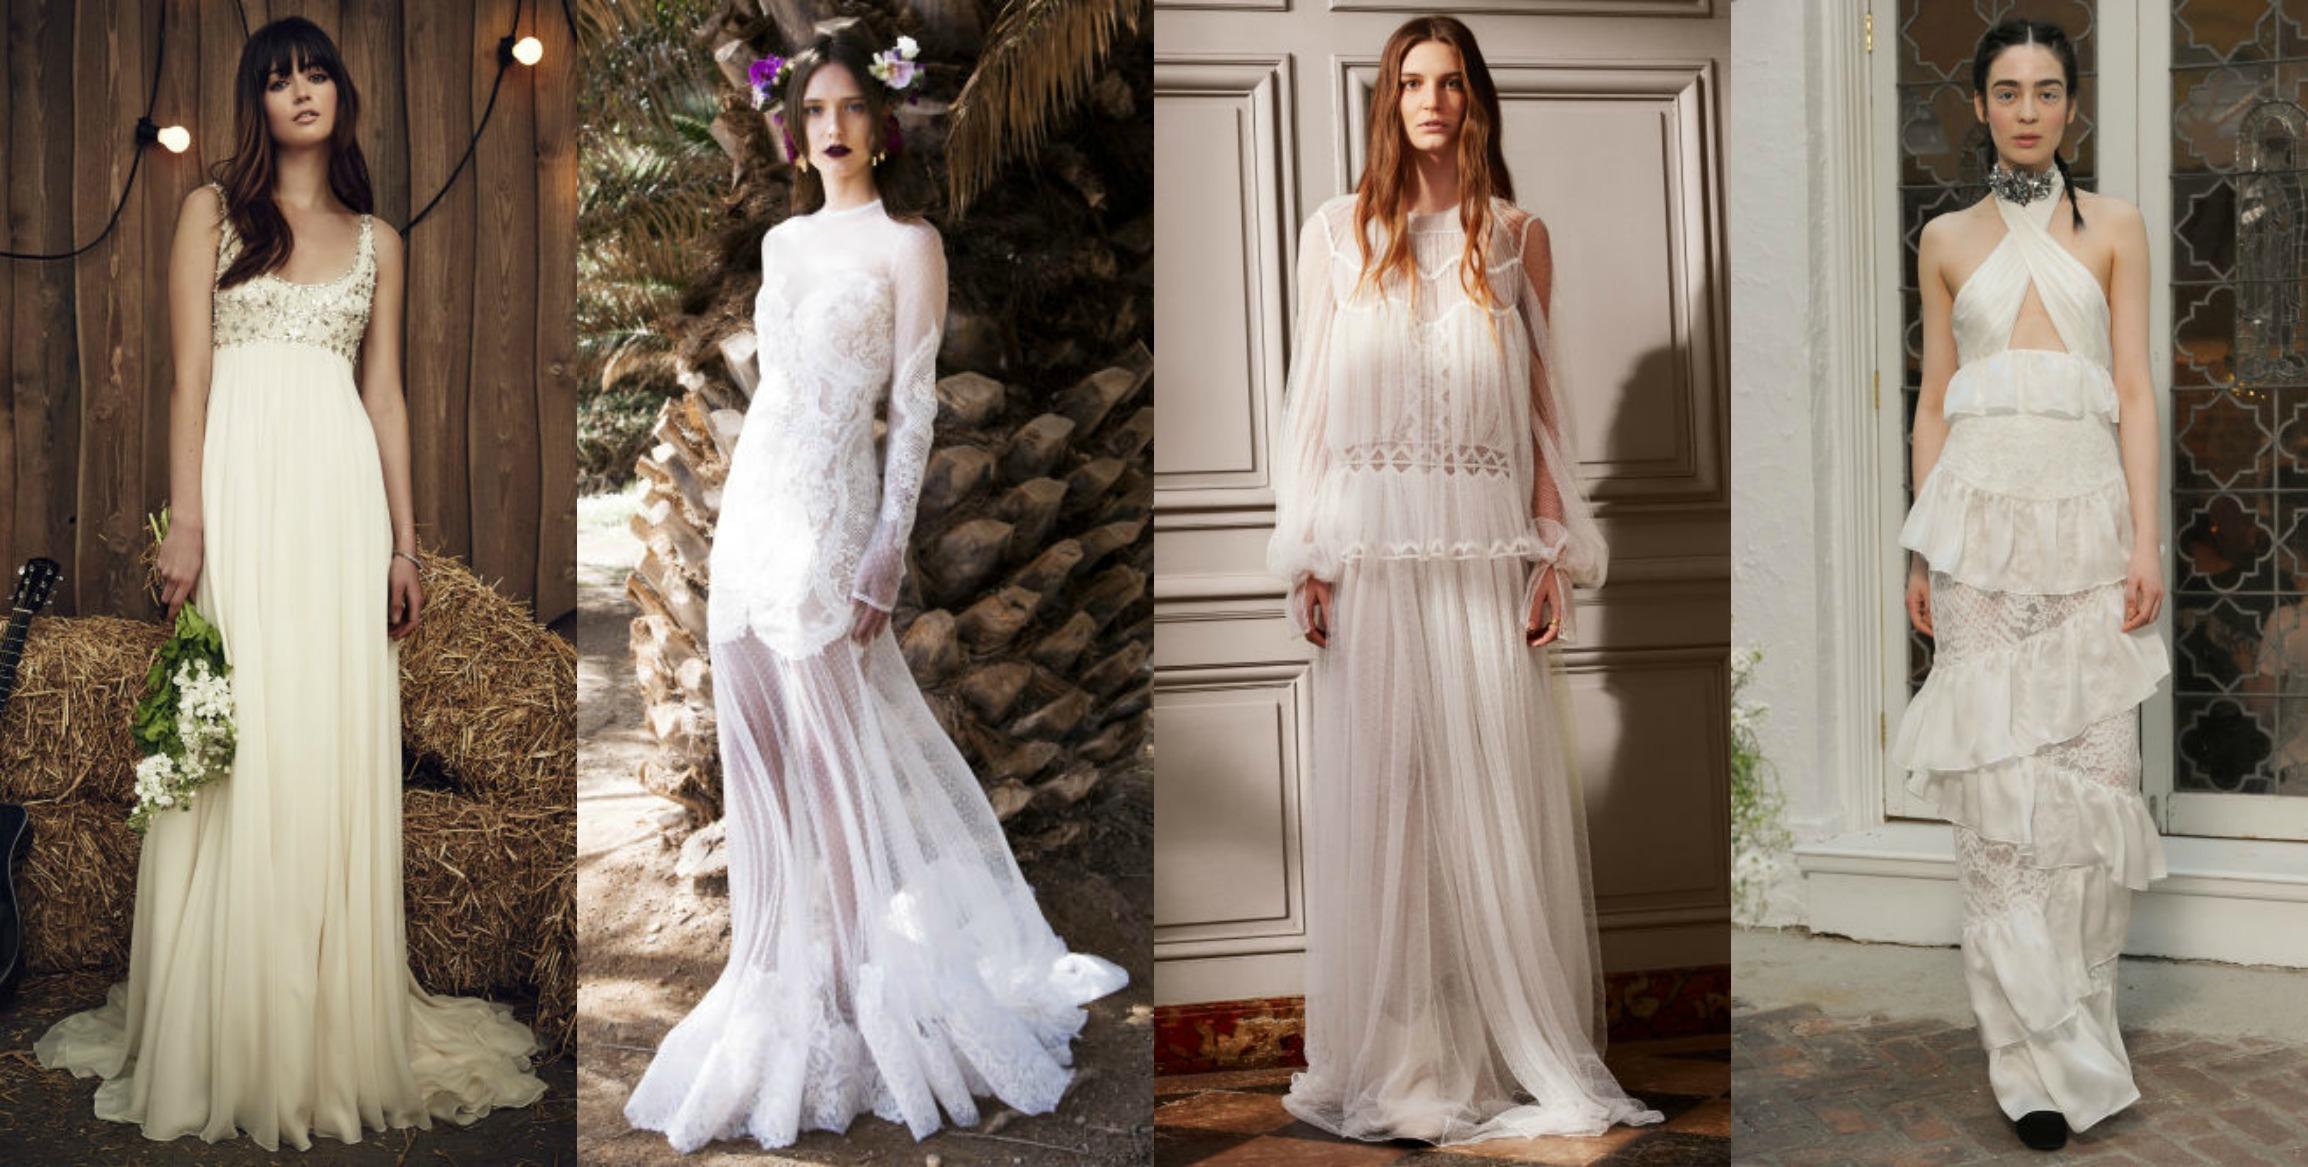 Vestiti Per Matrimonio Spiaggia : Abiti da sposa modelli per un matrimonio all aperto